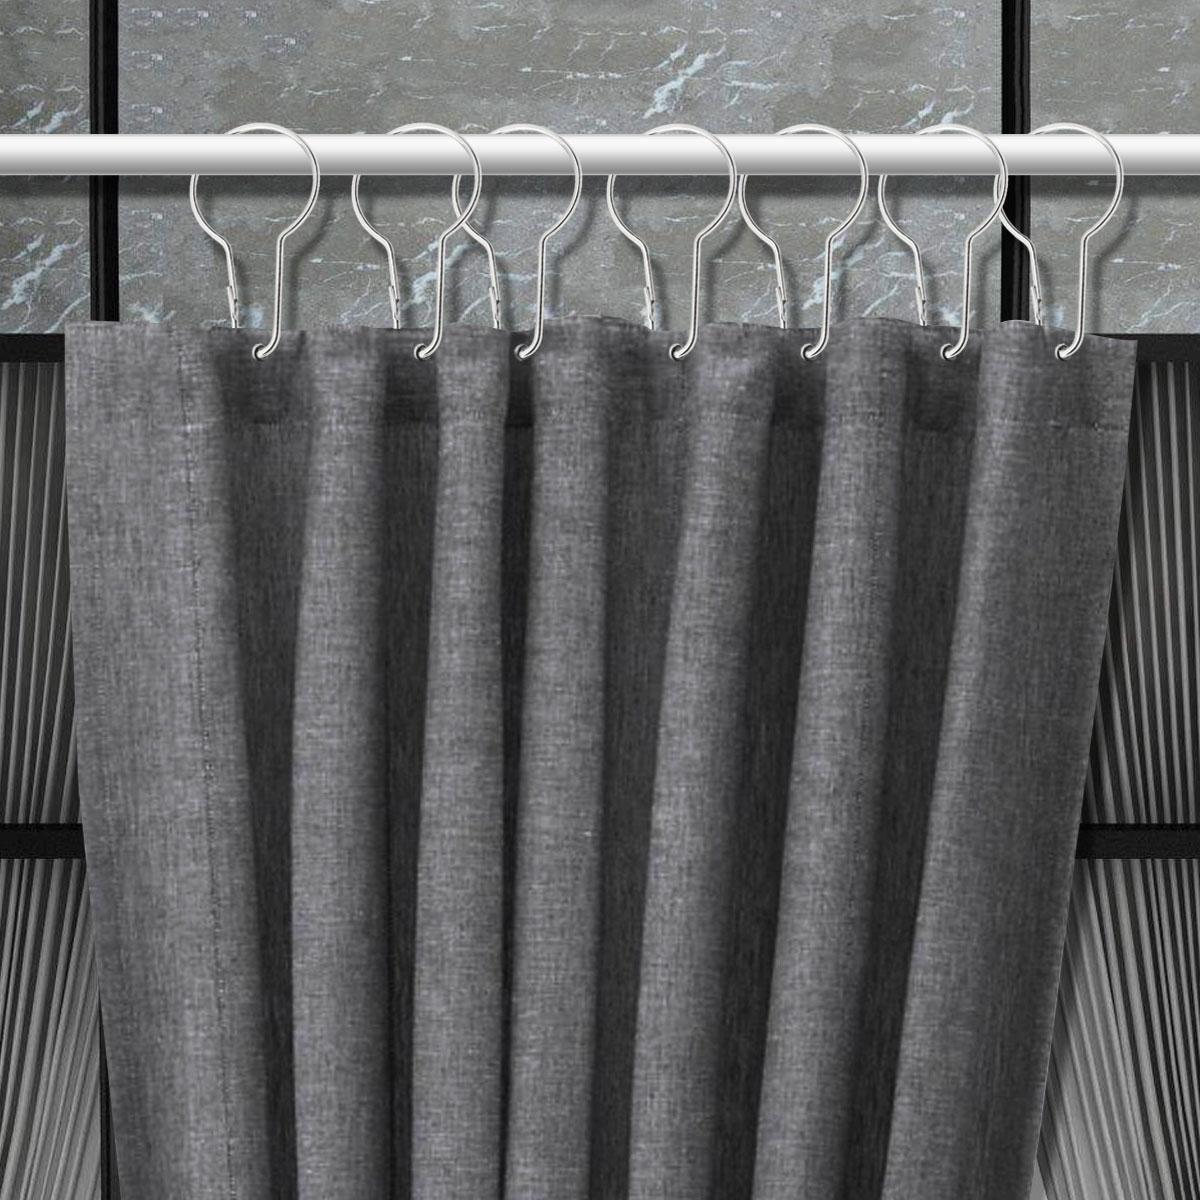 Acier Inoxydable Rideau de Douche Anneaux Crochets 12 Ensemble de salle de bain polonais Rod s!